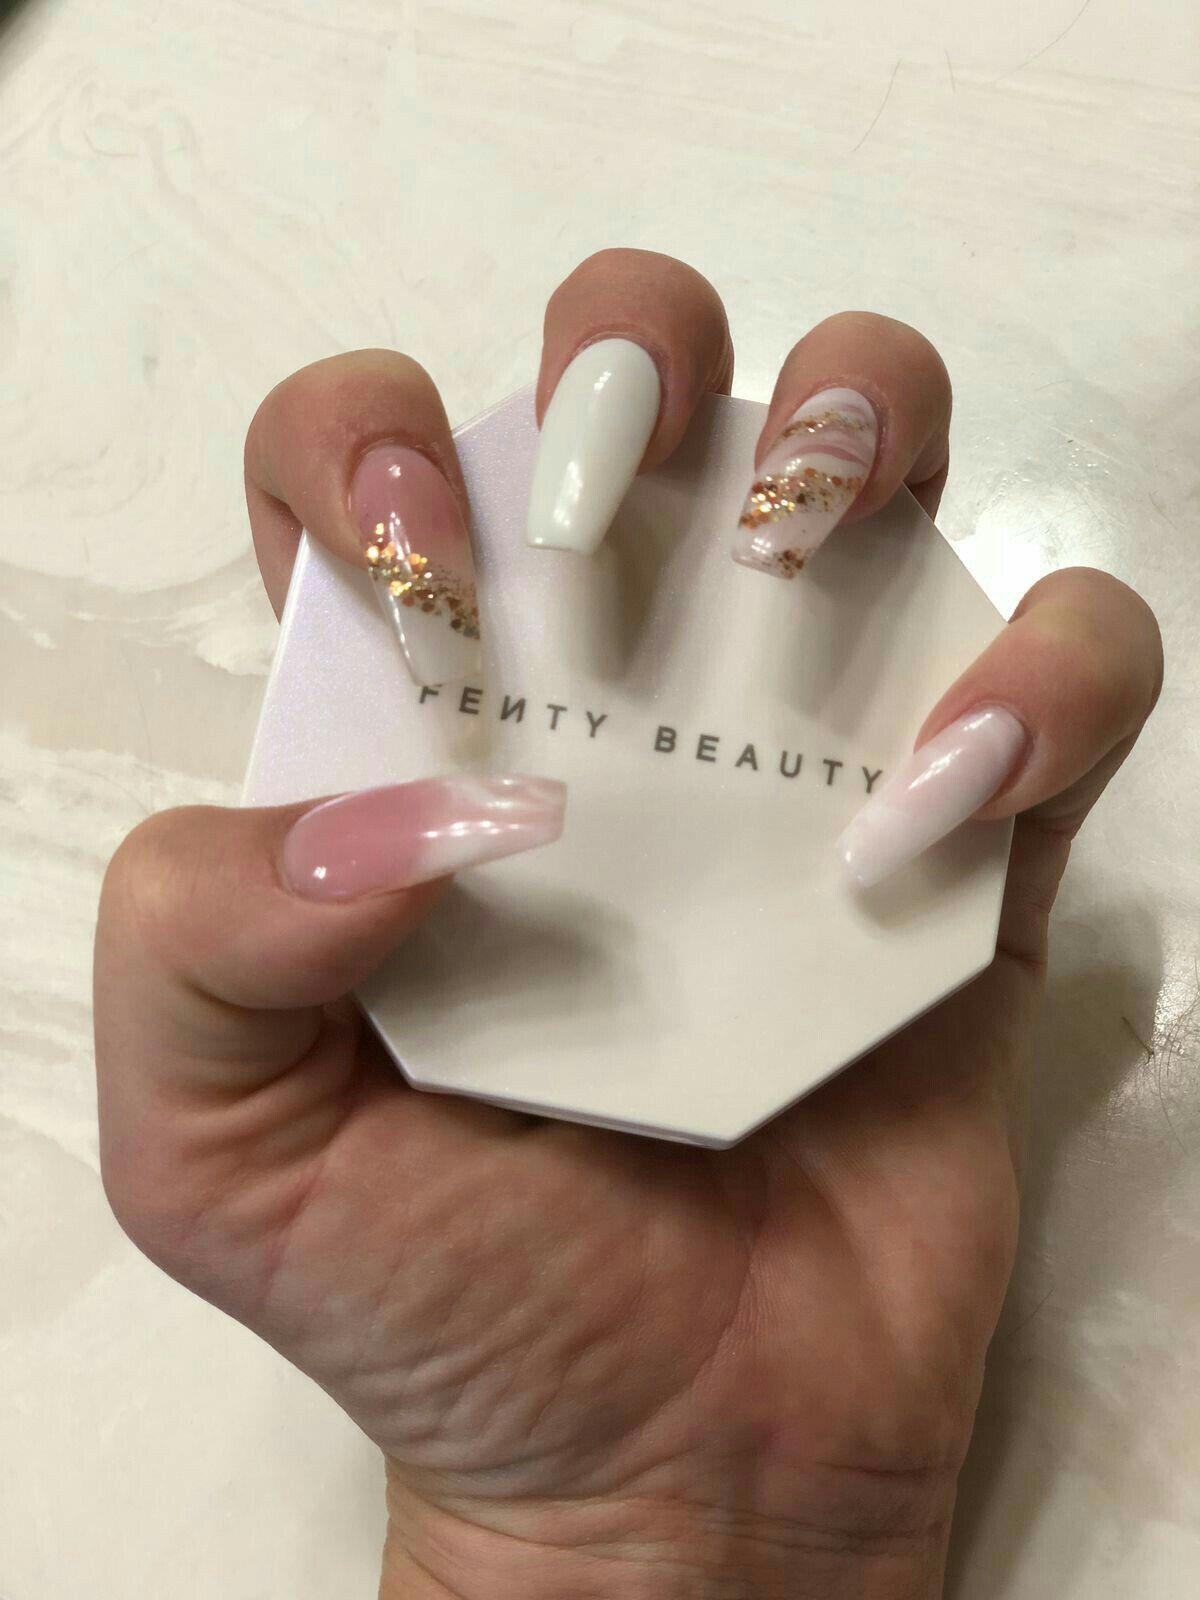 Stunning raw nail